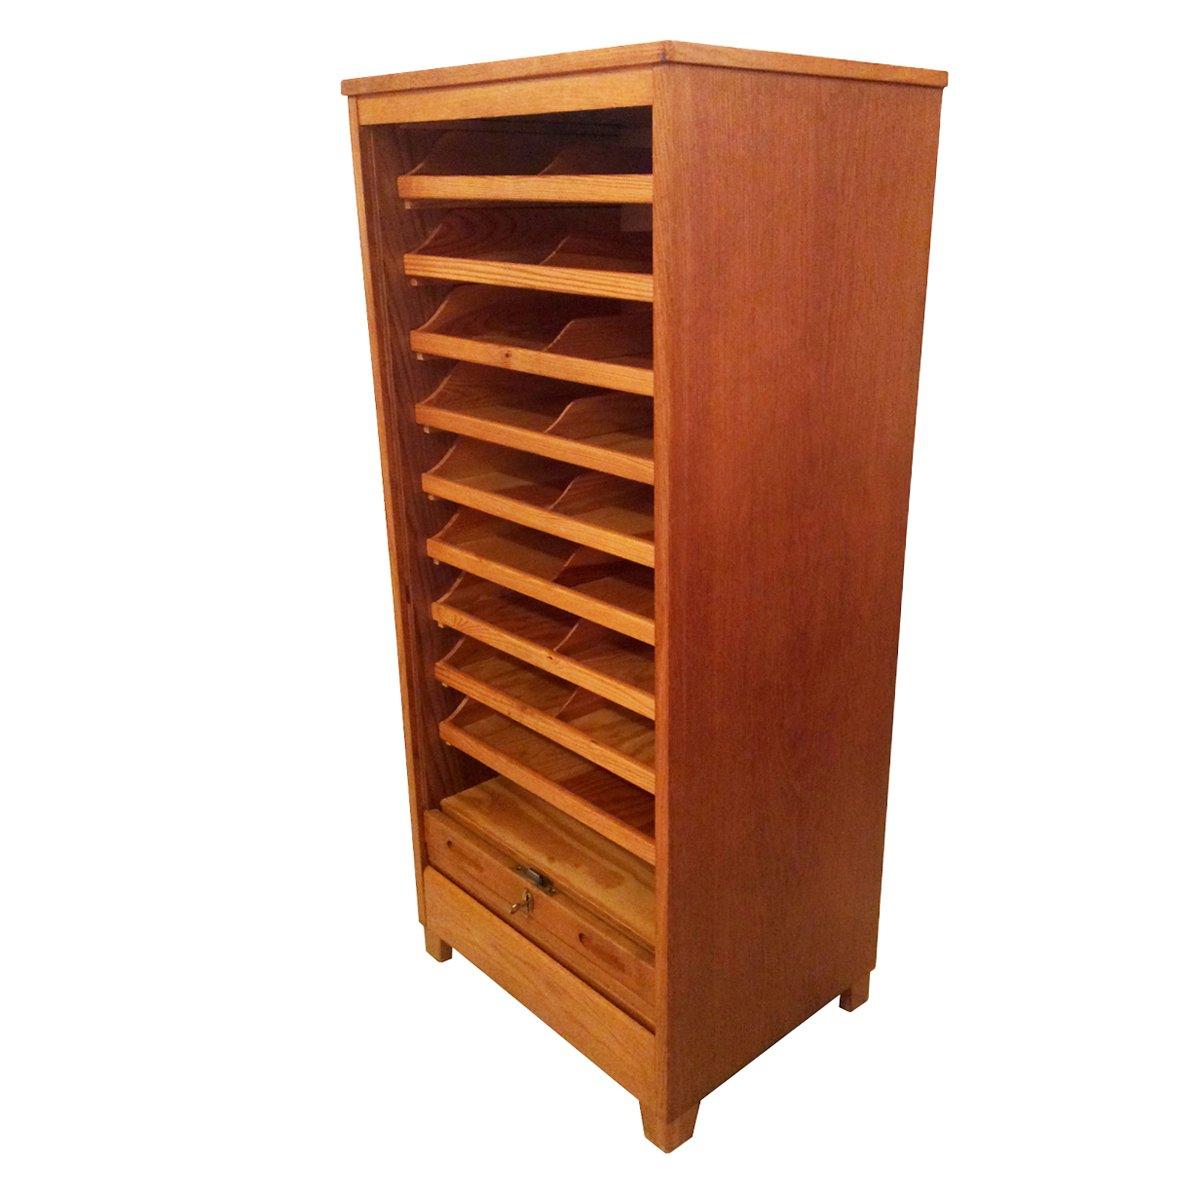 schwedischer eichenholz aktenschrank mit rollt r bei pamono kaufen. Black Bedroom Furniture Sets. Home Design Ideas